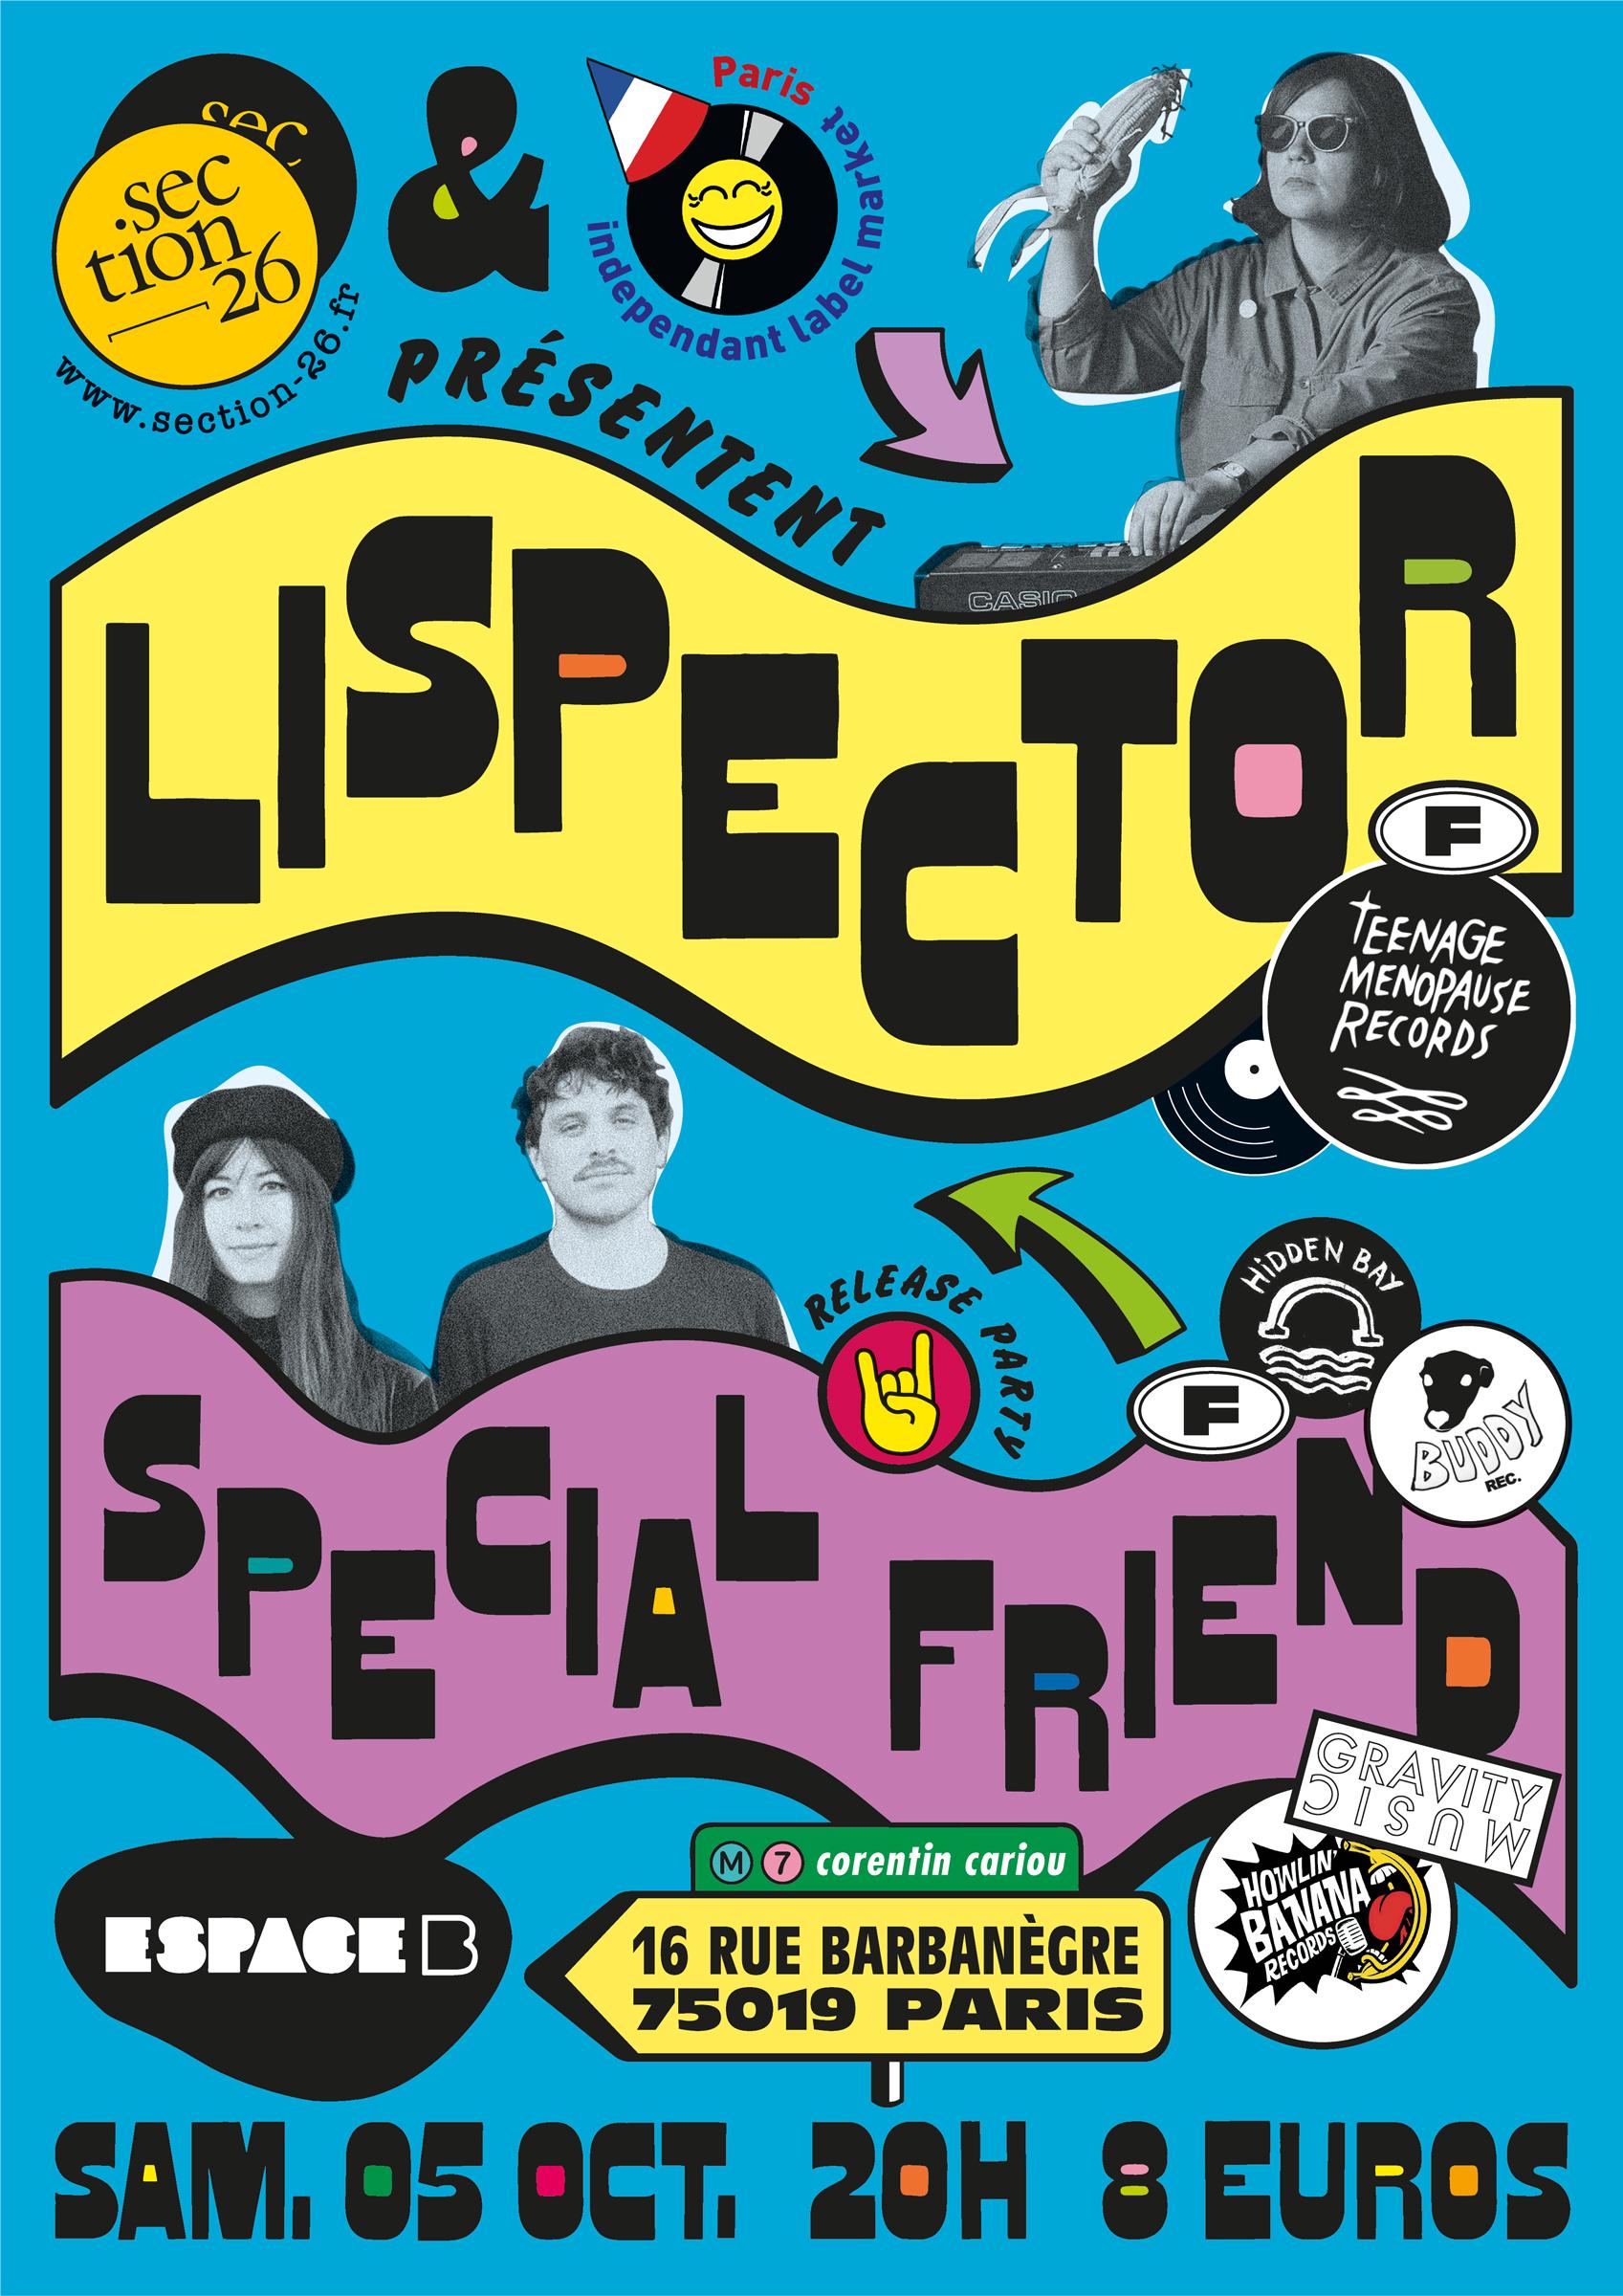 Section26 Espace B Marché des labels indépendants Paris concert Lispector Special Friend